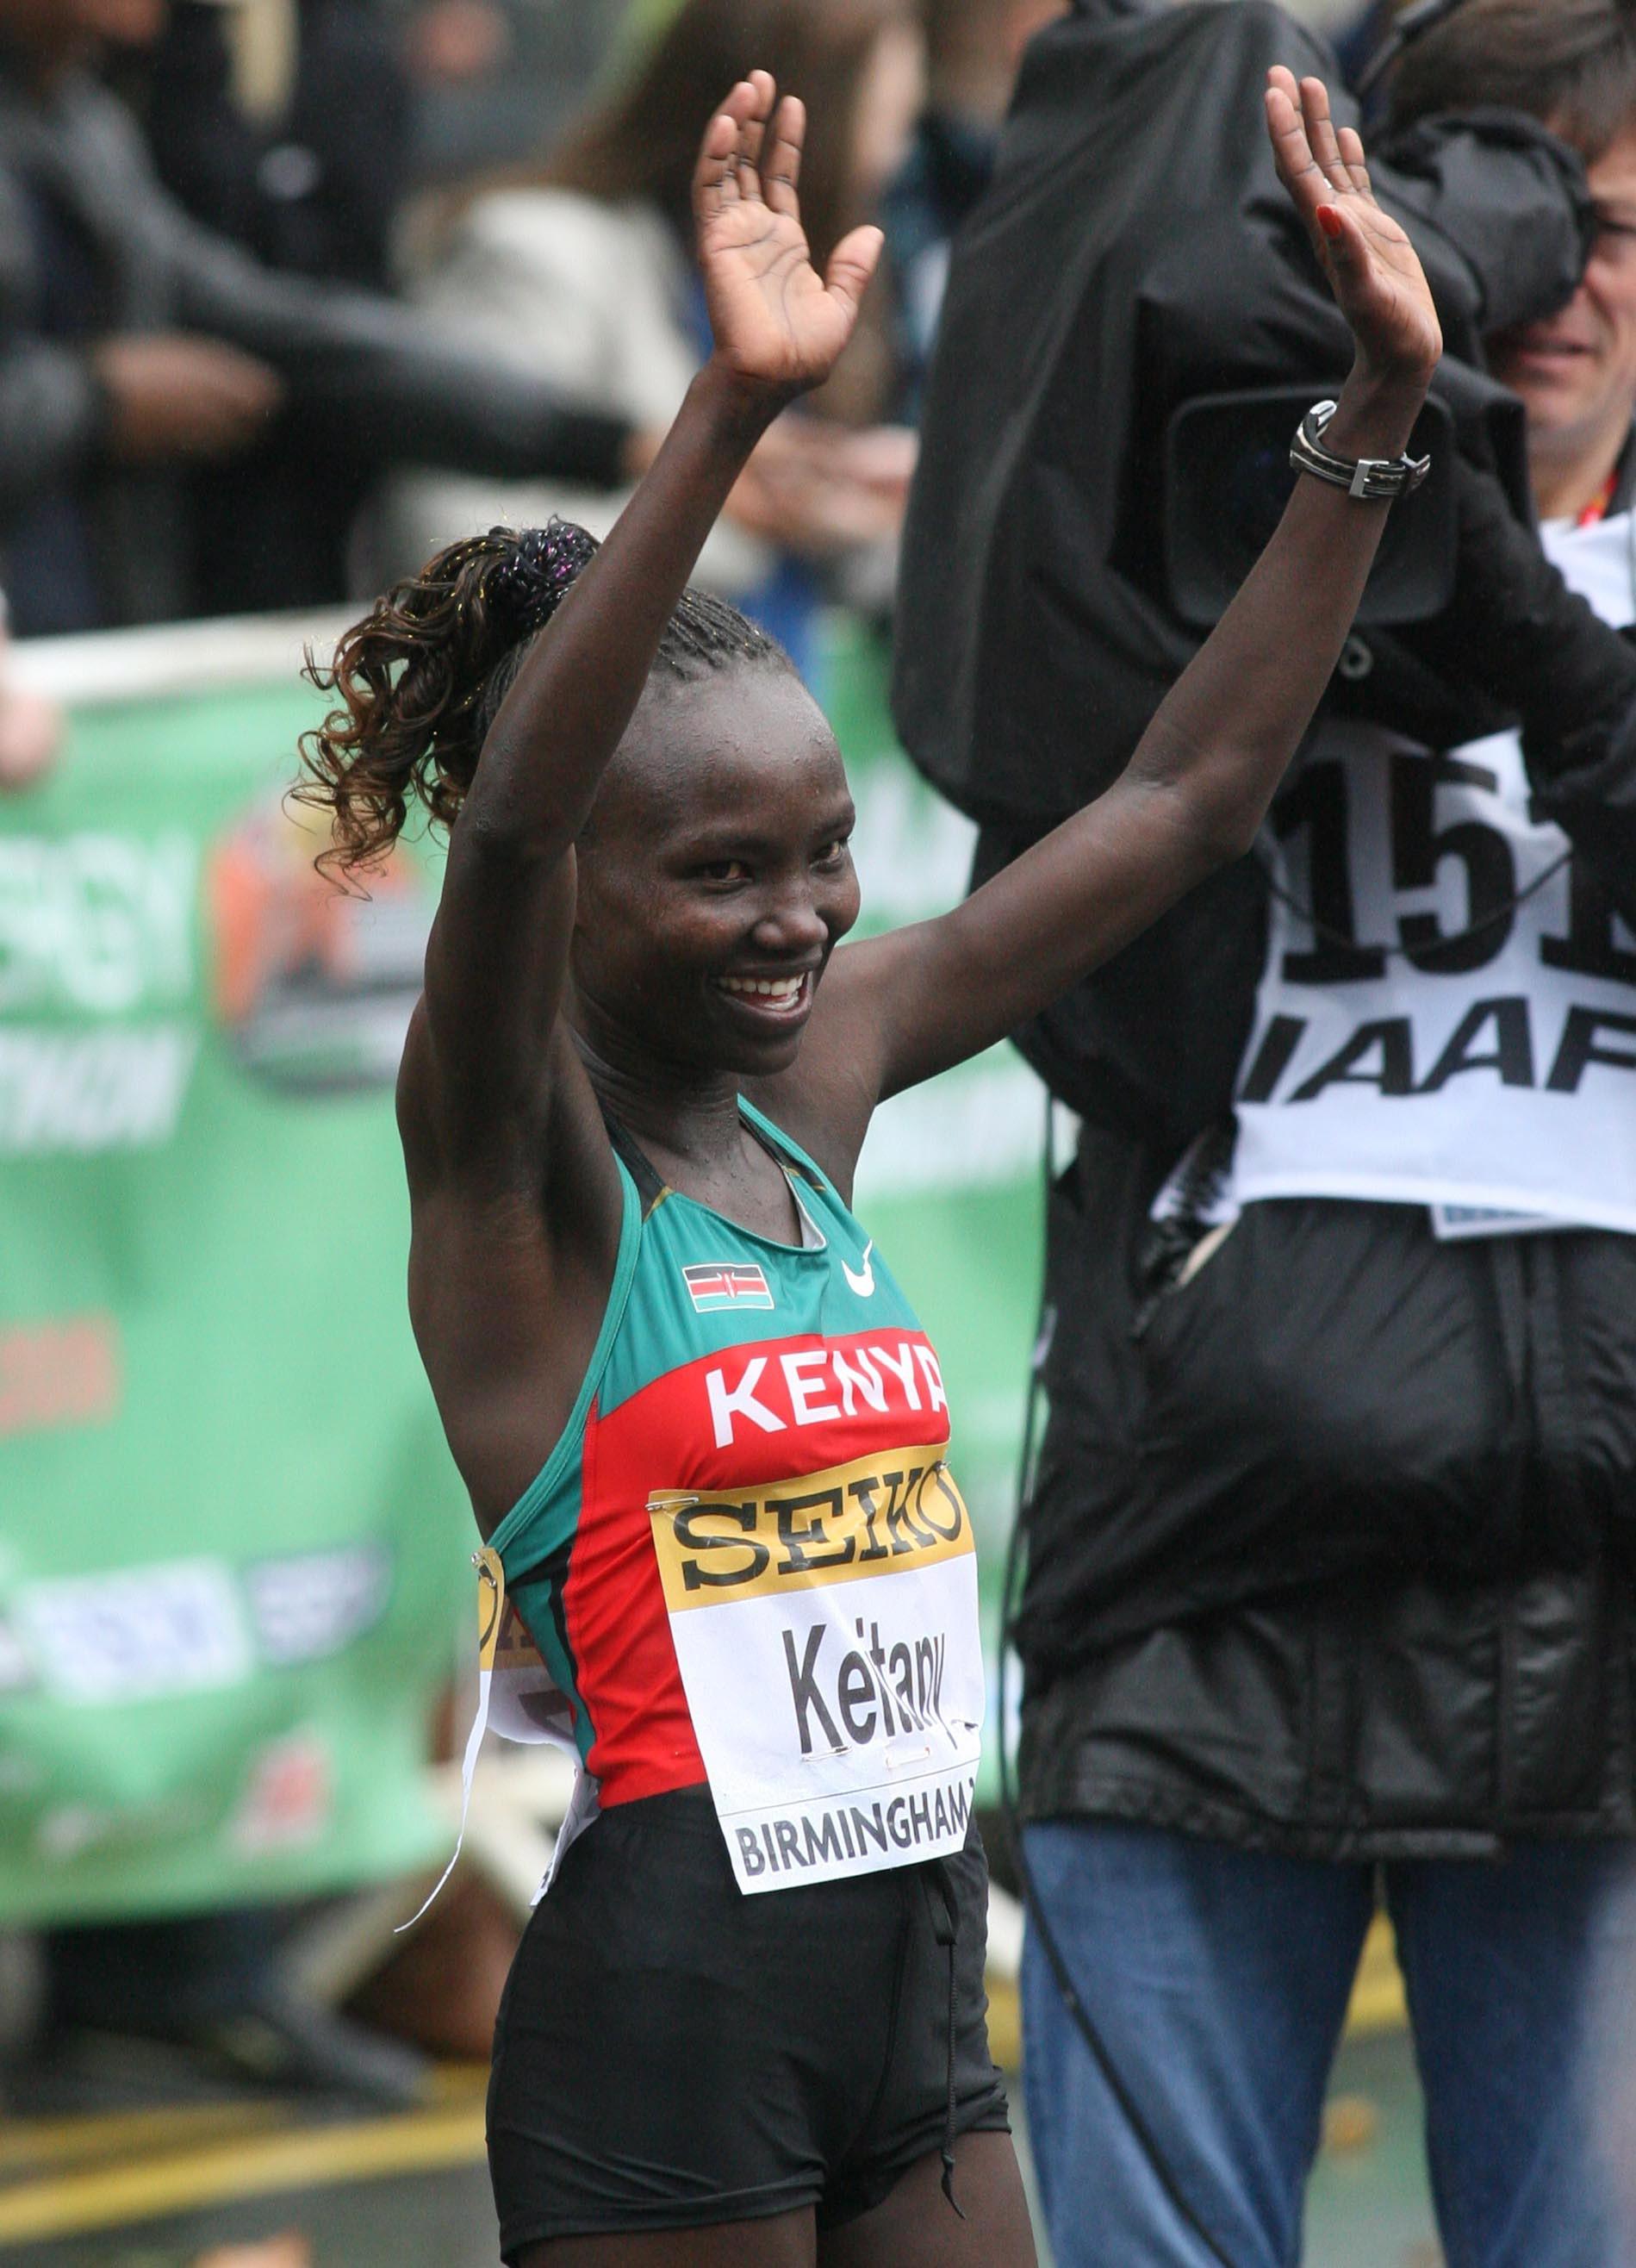 Mary Jepkosgei Keitany, salutând publicul la sfârșitul unei curse câștigate. (FOTO: EPA)